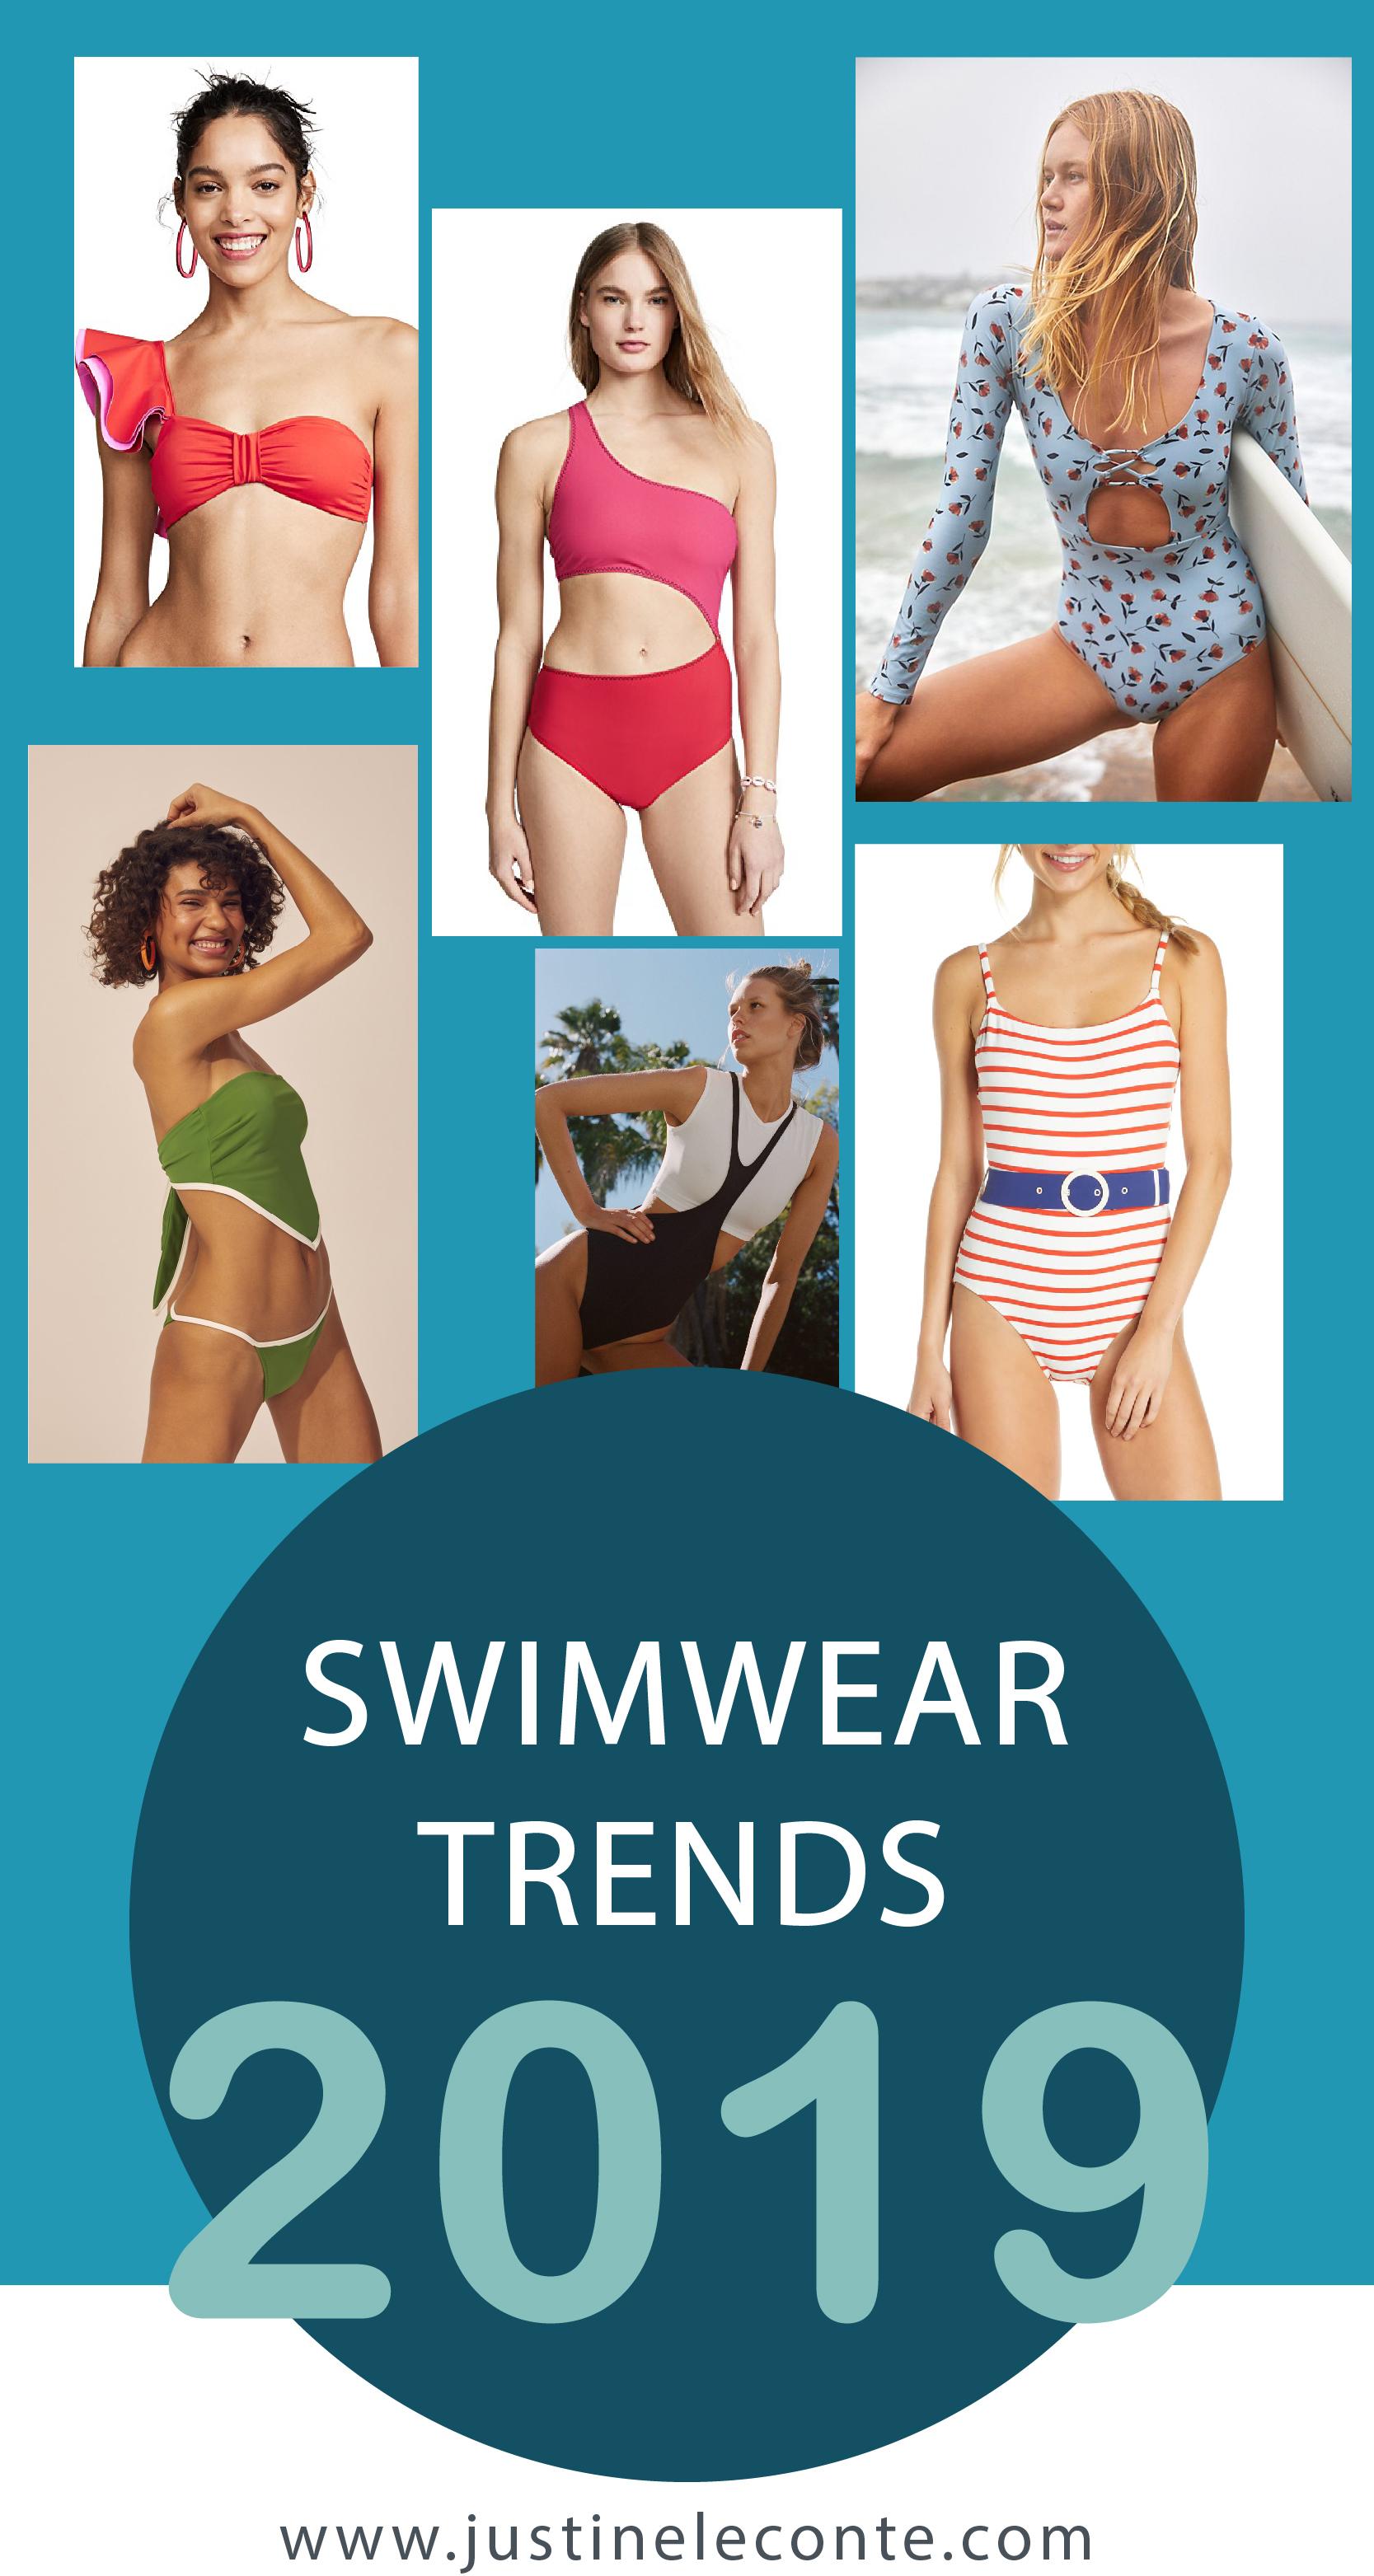 Swimwear trends 2019 - Justine Leconte